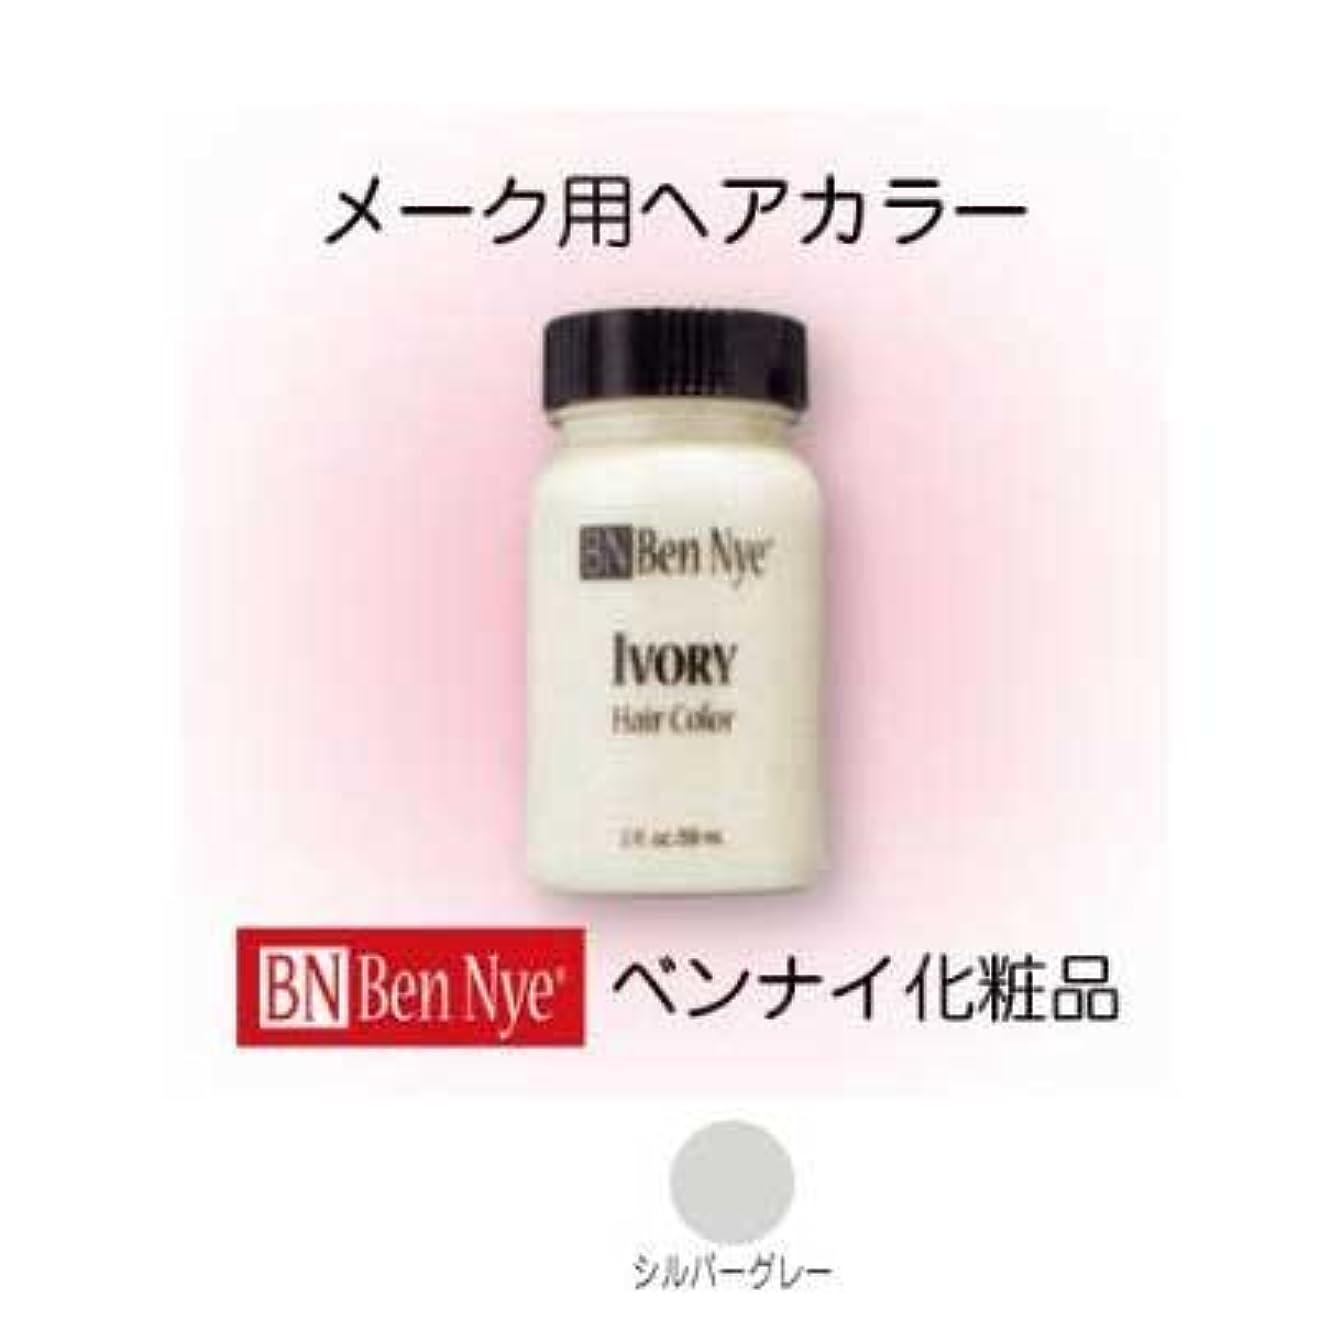 リキッドヘアーカラー シルバーグレー【ベンナイ化粧品】